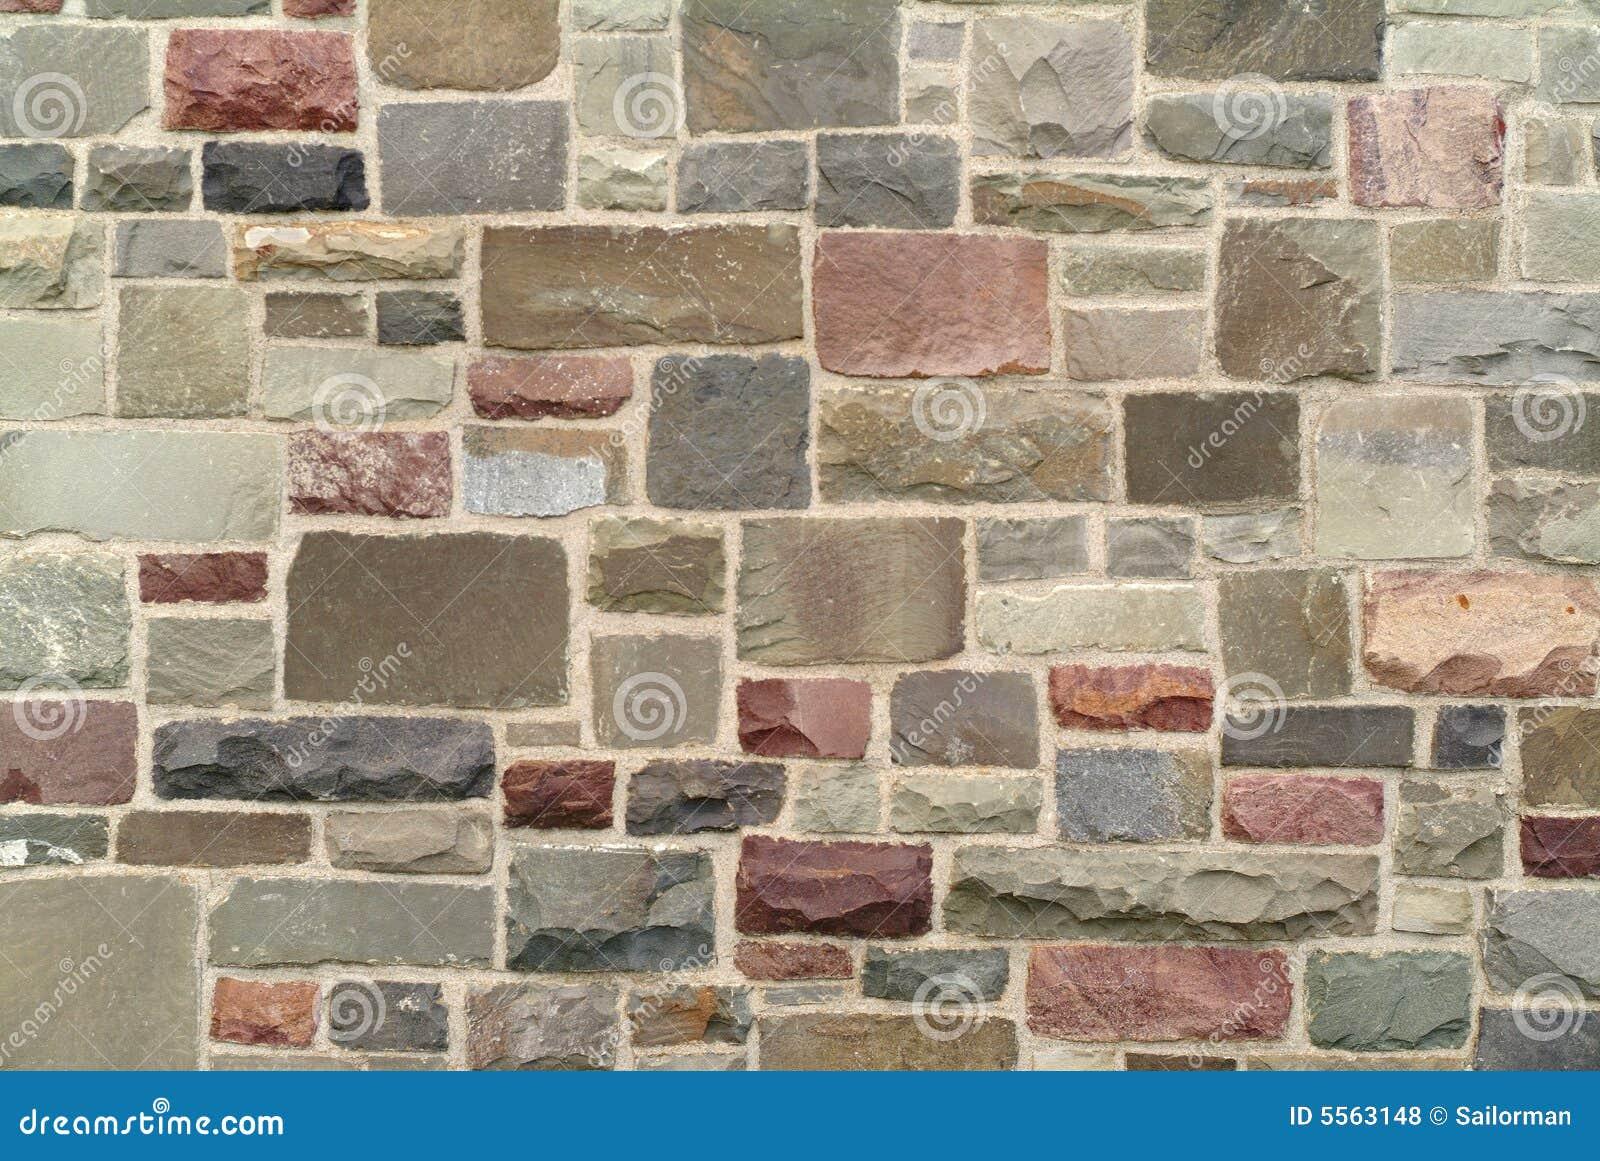 Stone wall pattern royalty free stock photos image 5563148 - Materiales de construccion para fachadas ...